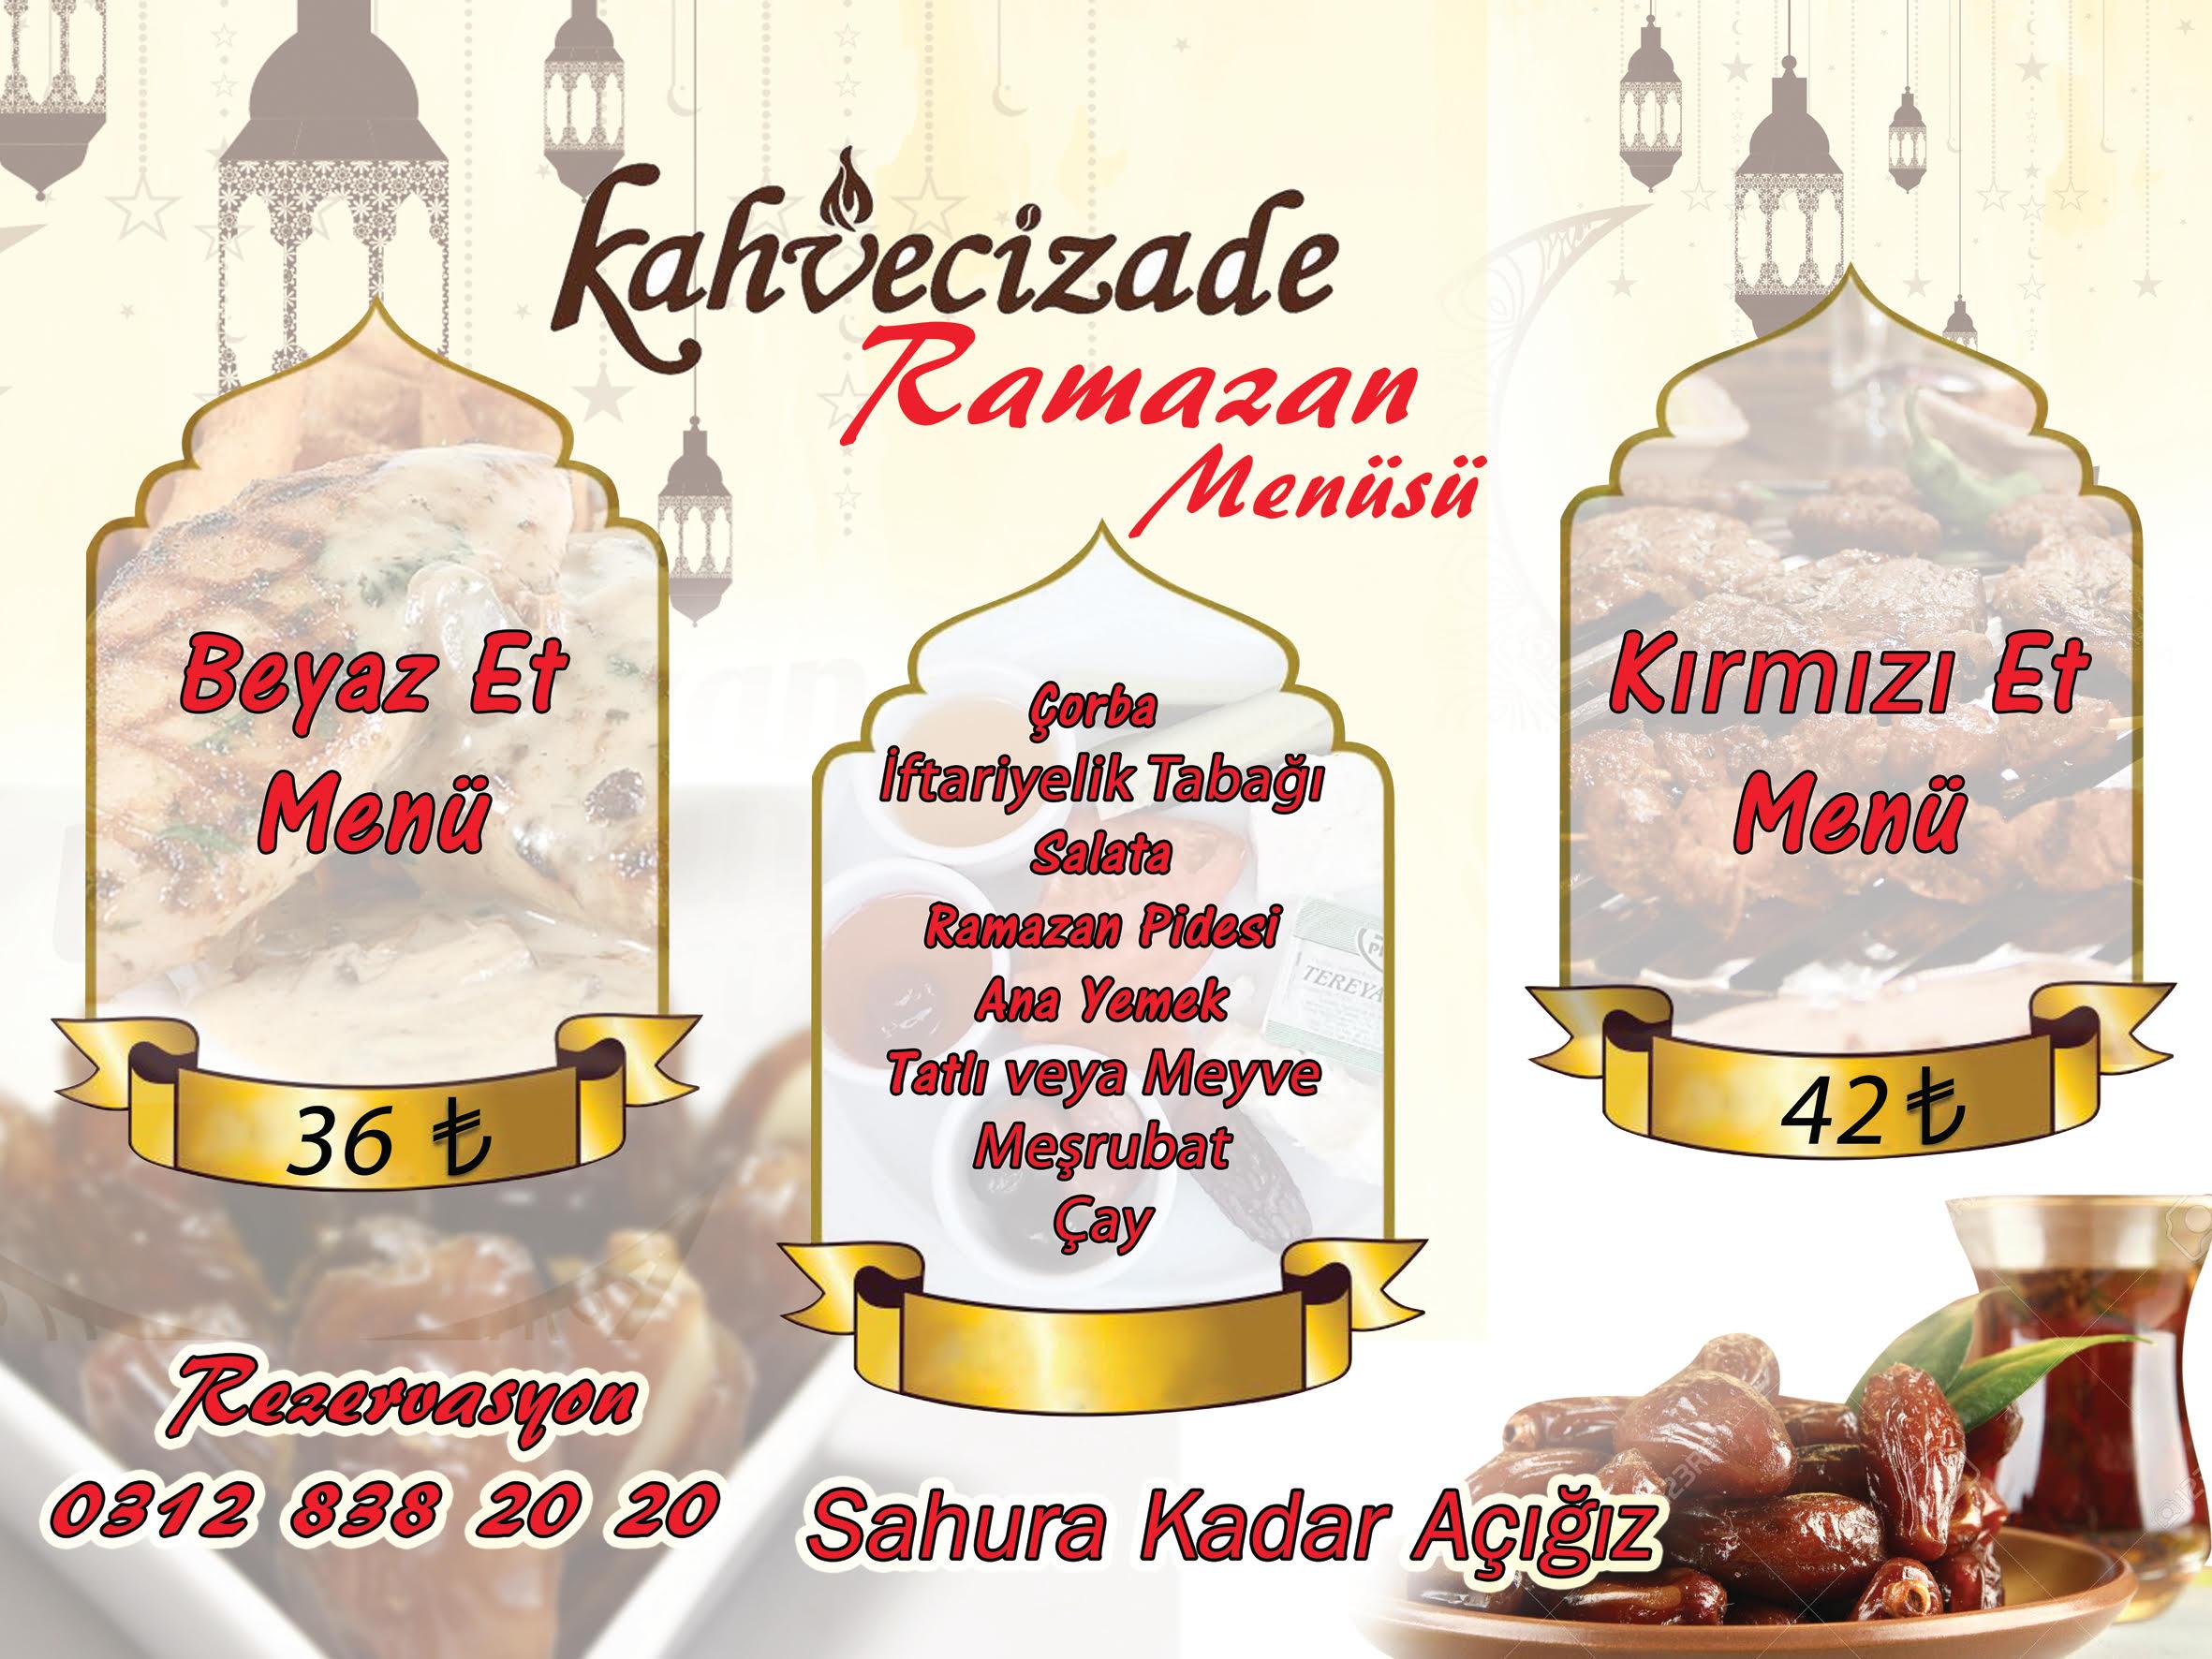 Ramazan Keyfi Kahvecizade'de Yaşanır